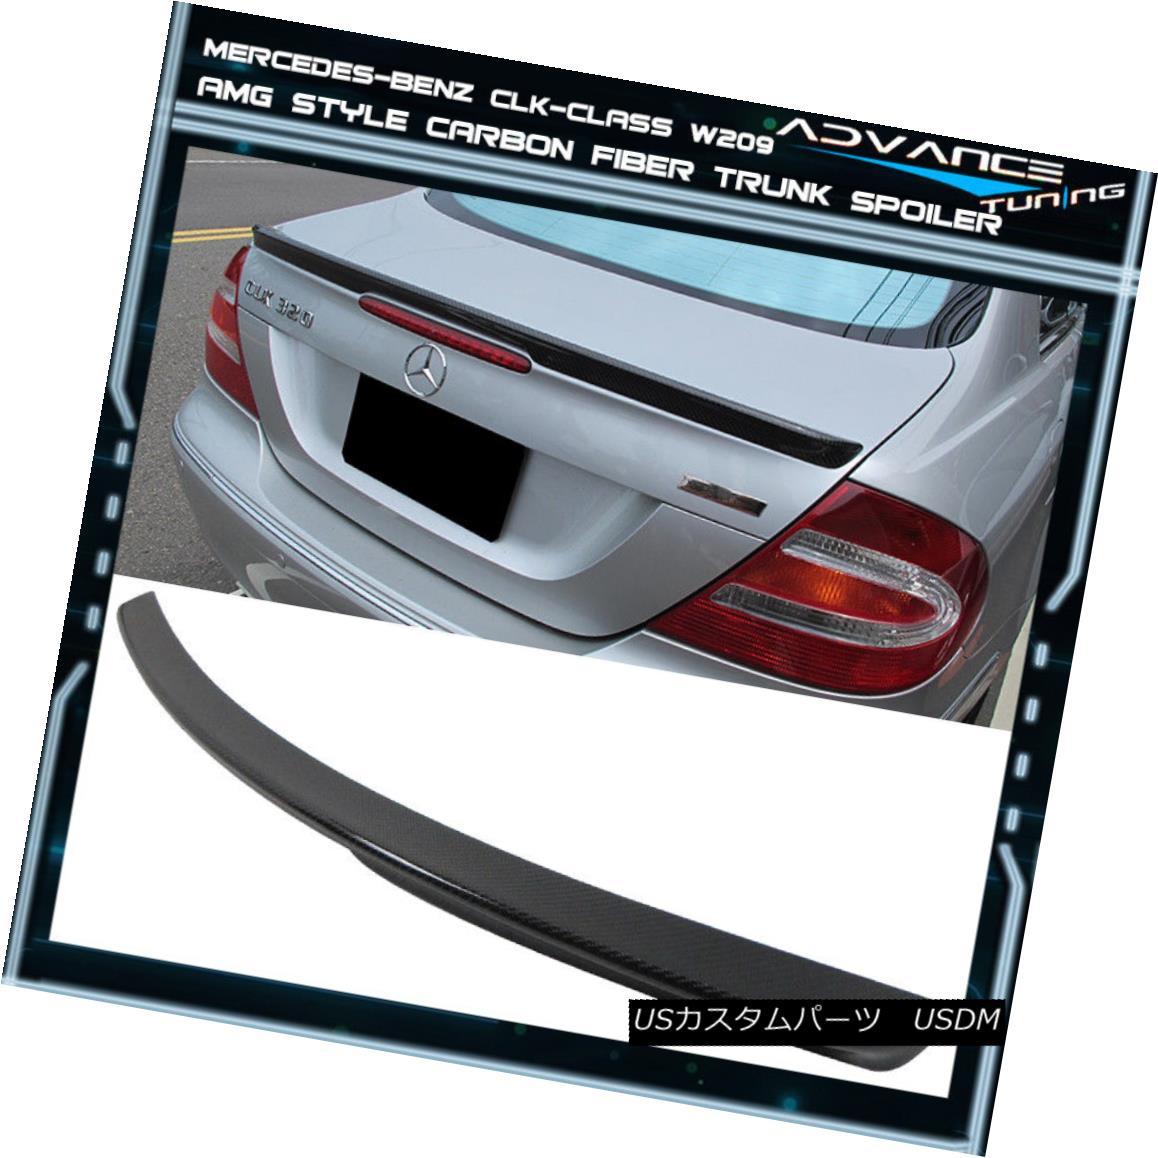 エアロパーツ 03-08 Benz CLK-Class W209 2Dr AMG Style Trunk Spoiler Carbon Fiber CF 03-08ベンツCLKクラスW209 2Dr AMGスタイルトランクスポイラー炭素繊維CF